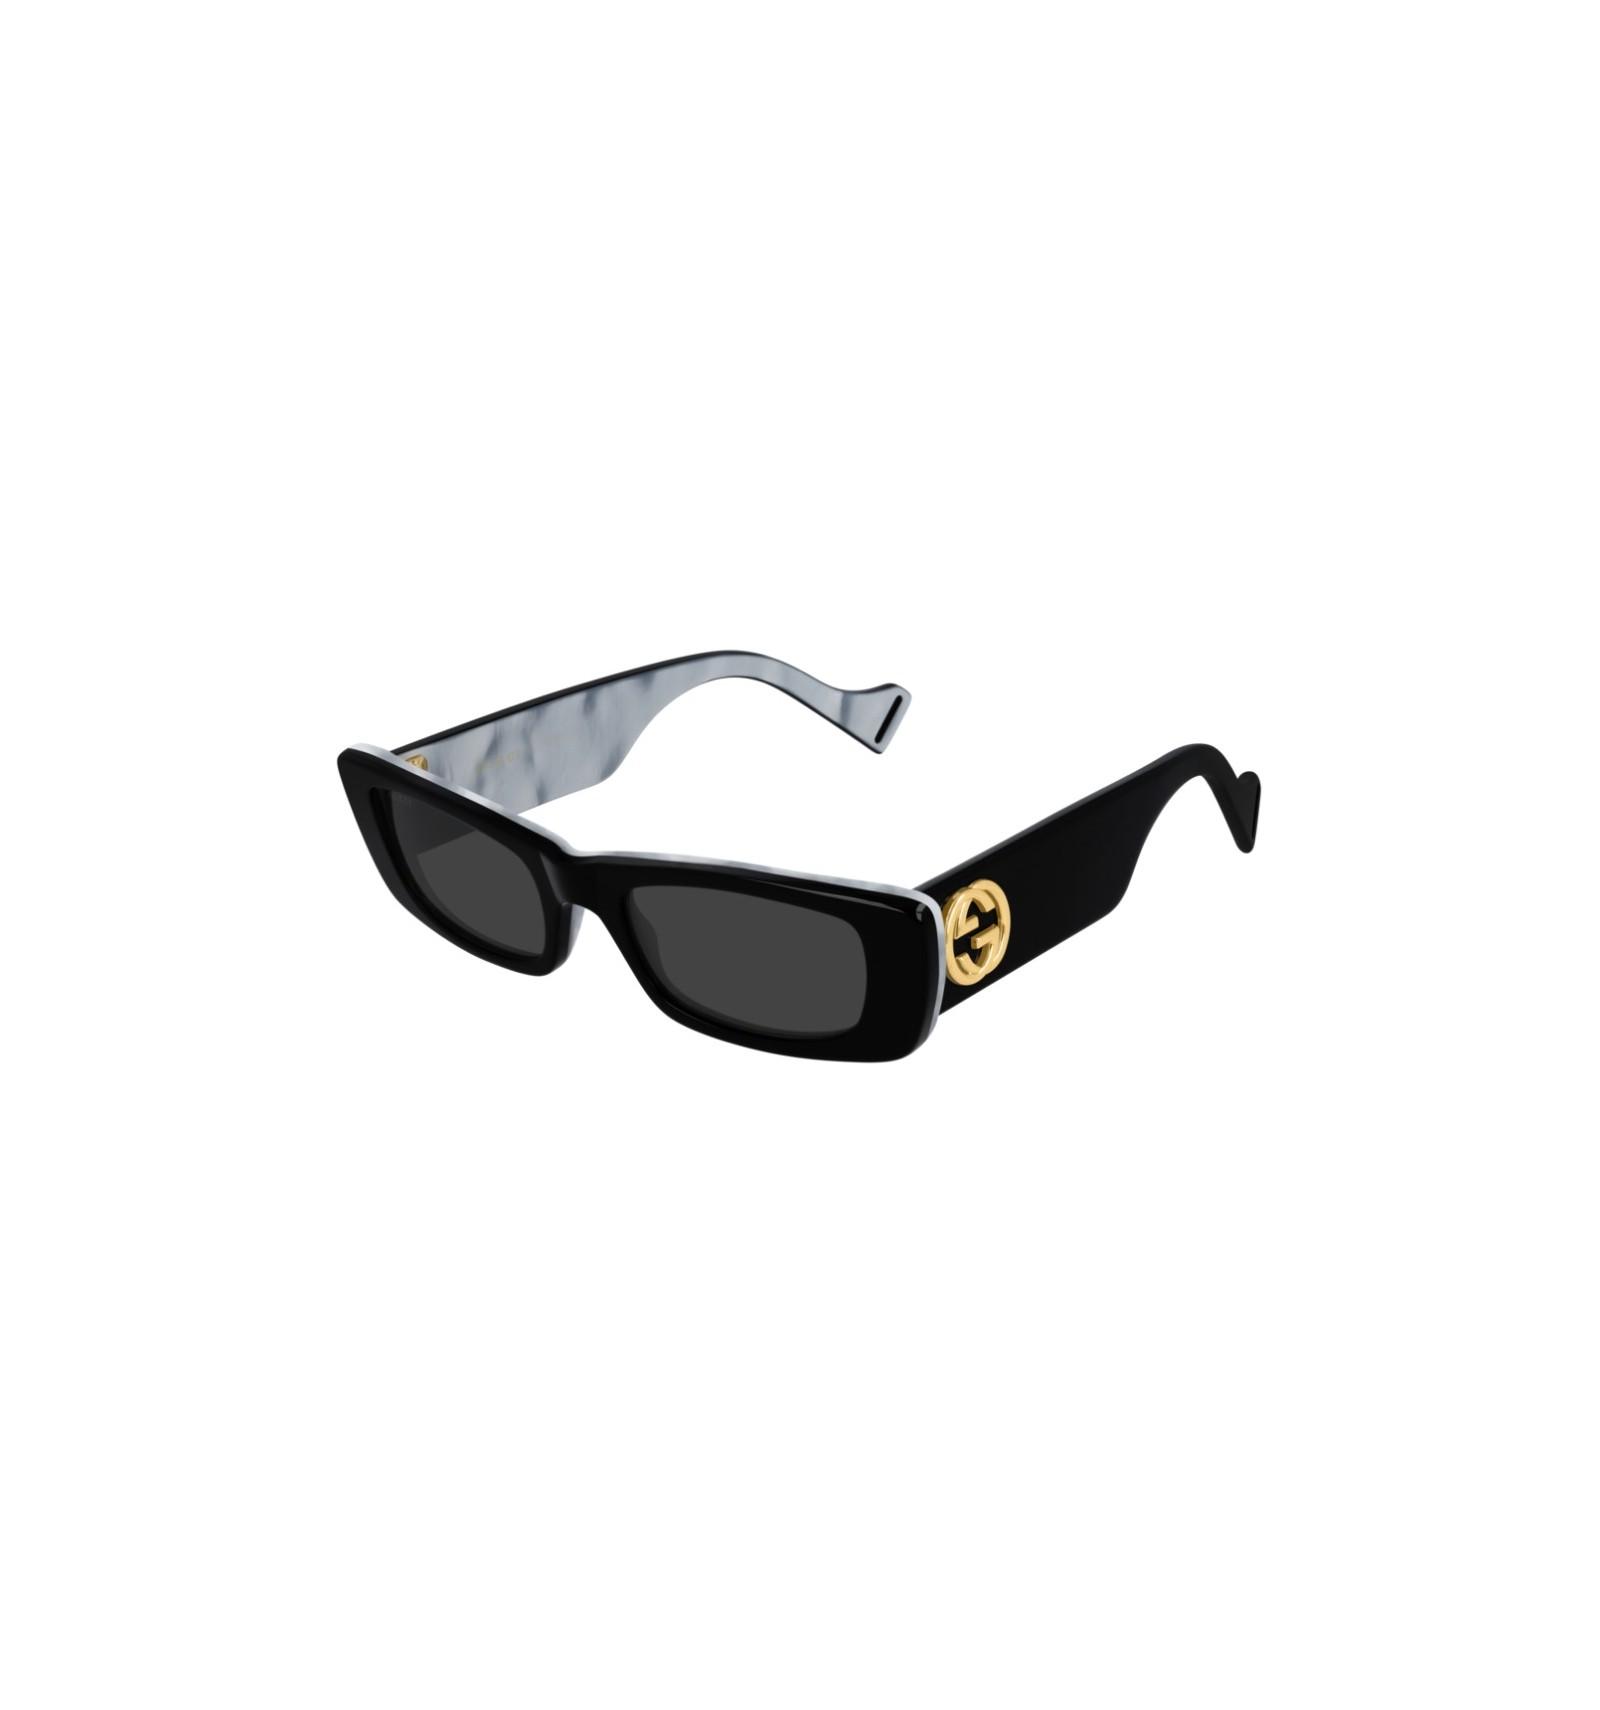 a7c0a45b7 Nuevo 2019 Nuevo Gafas de Sol GUCCI GG0516S Black - Grey (001)